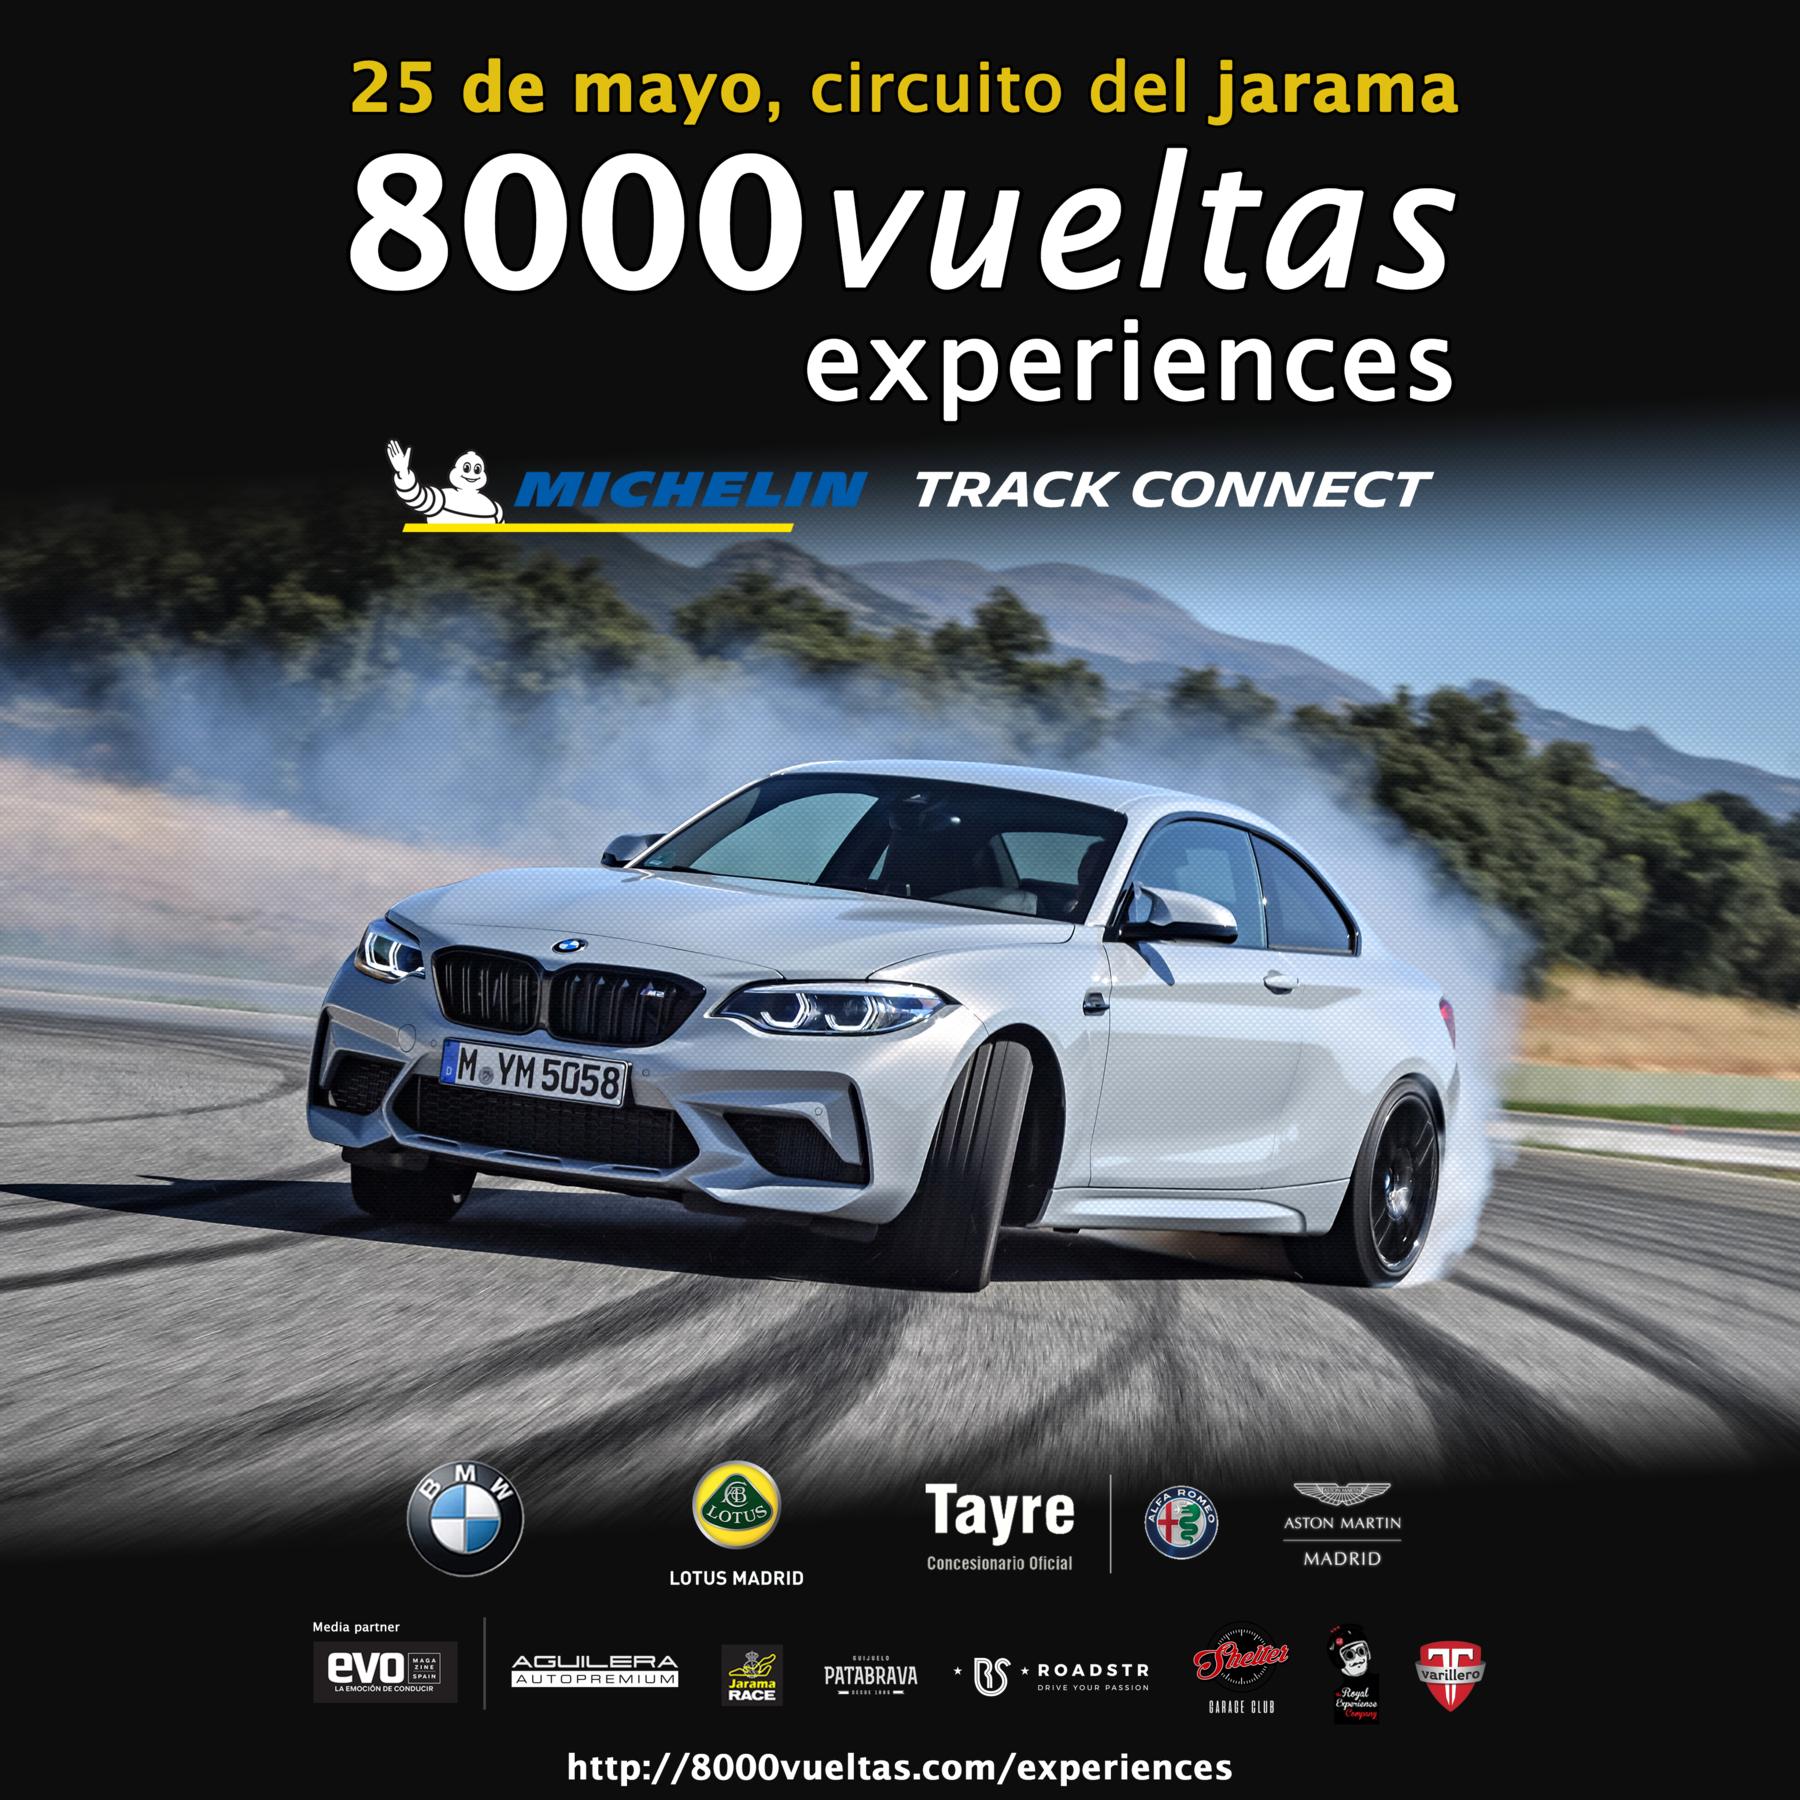 Circuito del Jarama (Sábado 25 mayo): 8000 vueltas experiences Michelin (GRATIS)